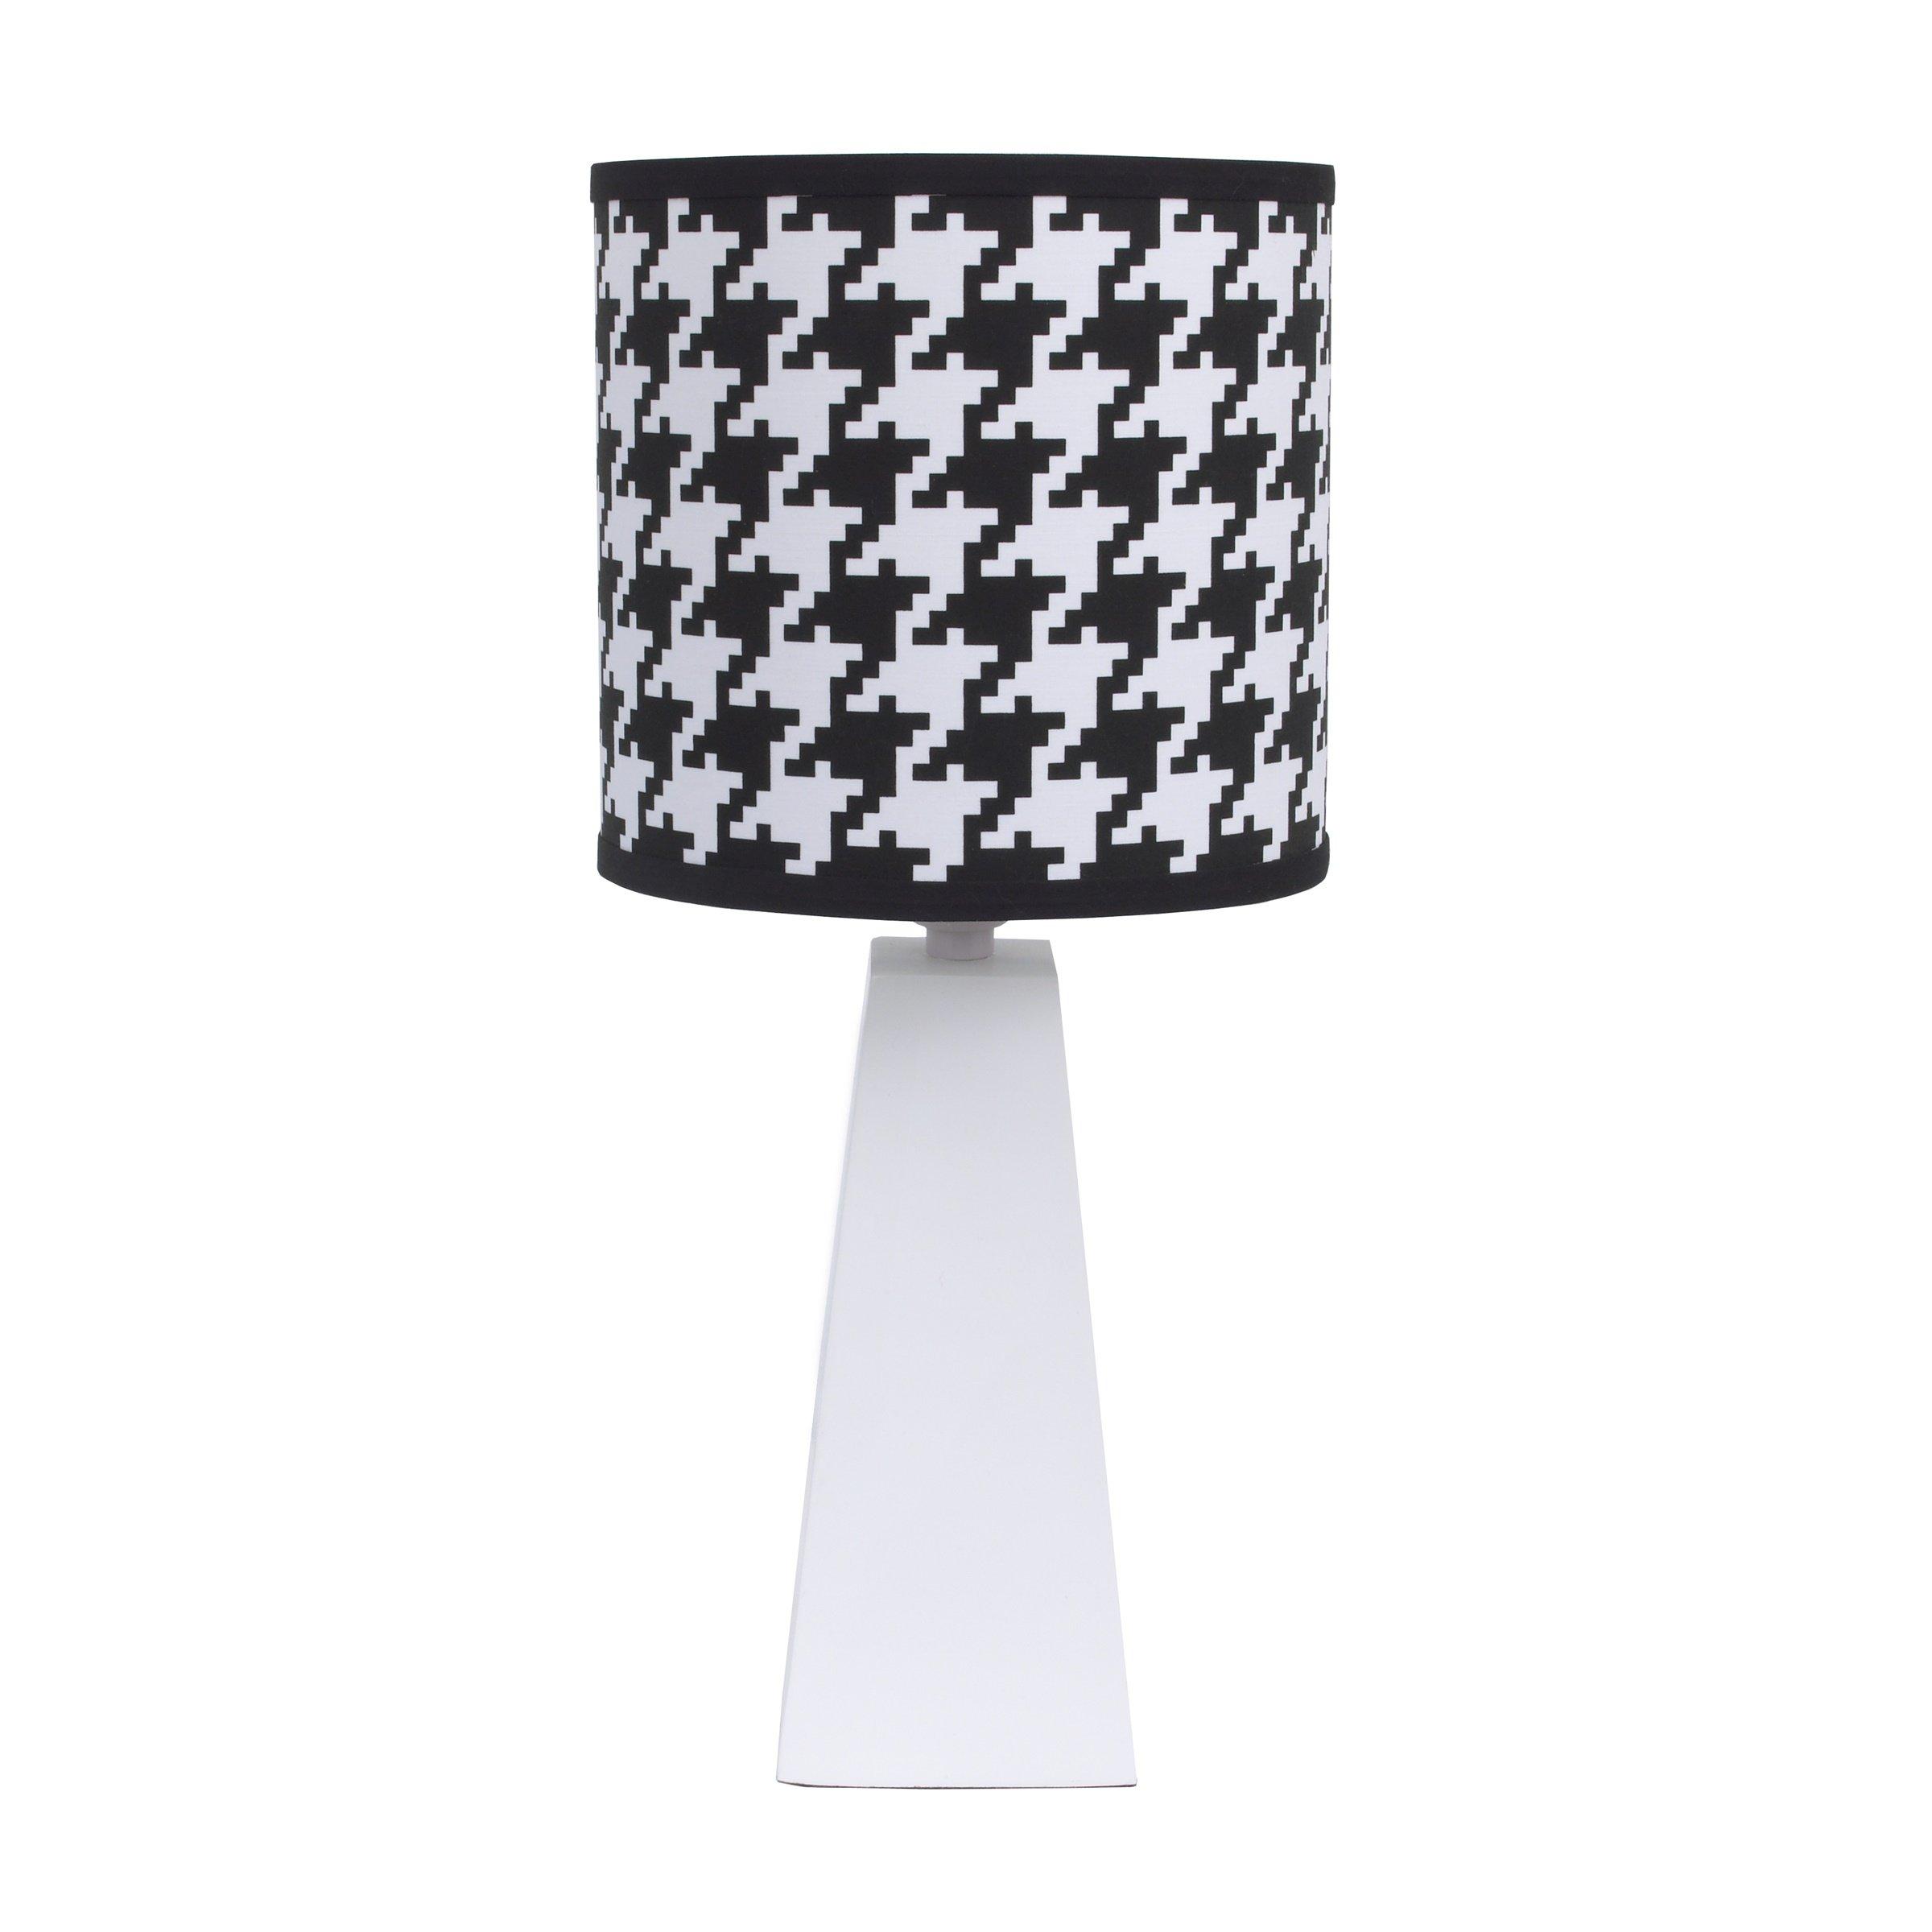 NoJo NoJo - Roar - Lamp & Shade, Black, White, Aqua